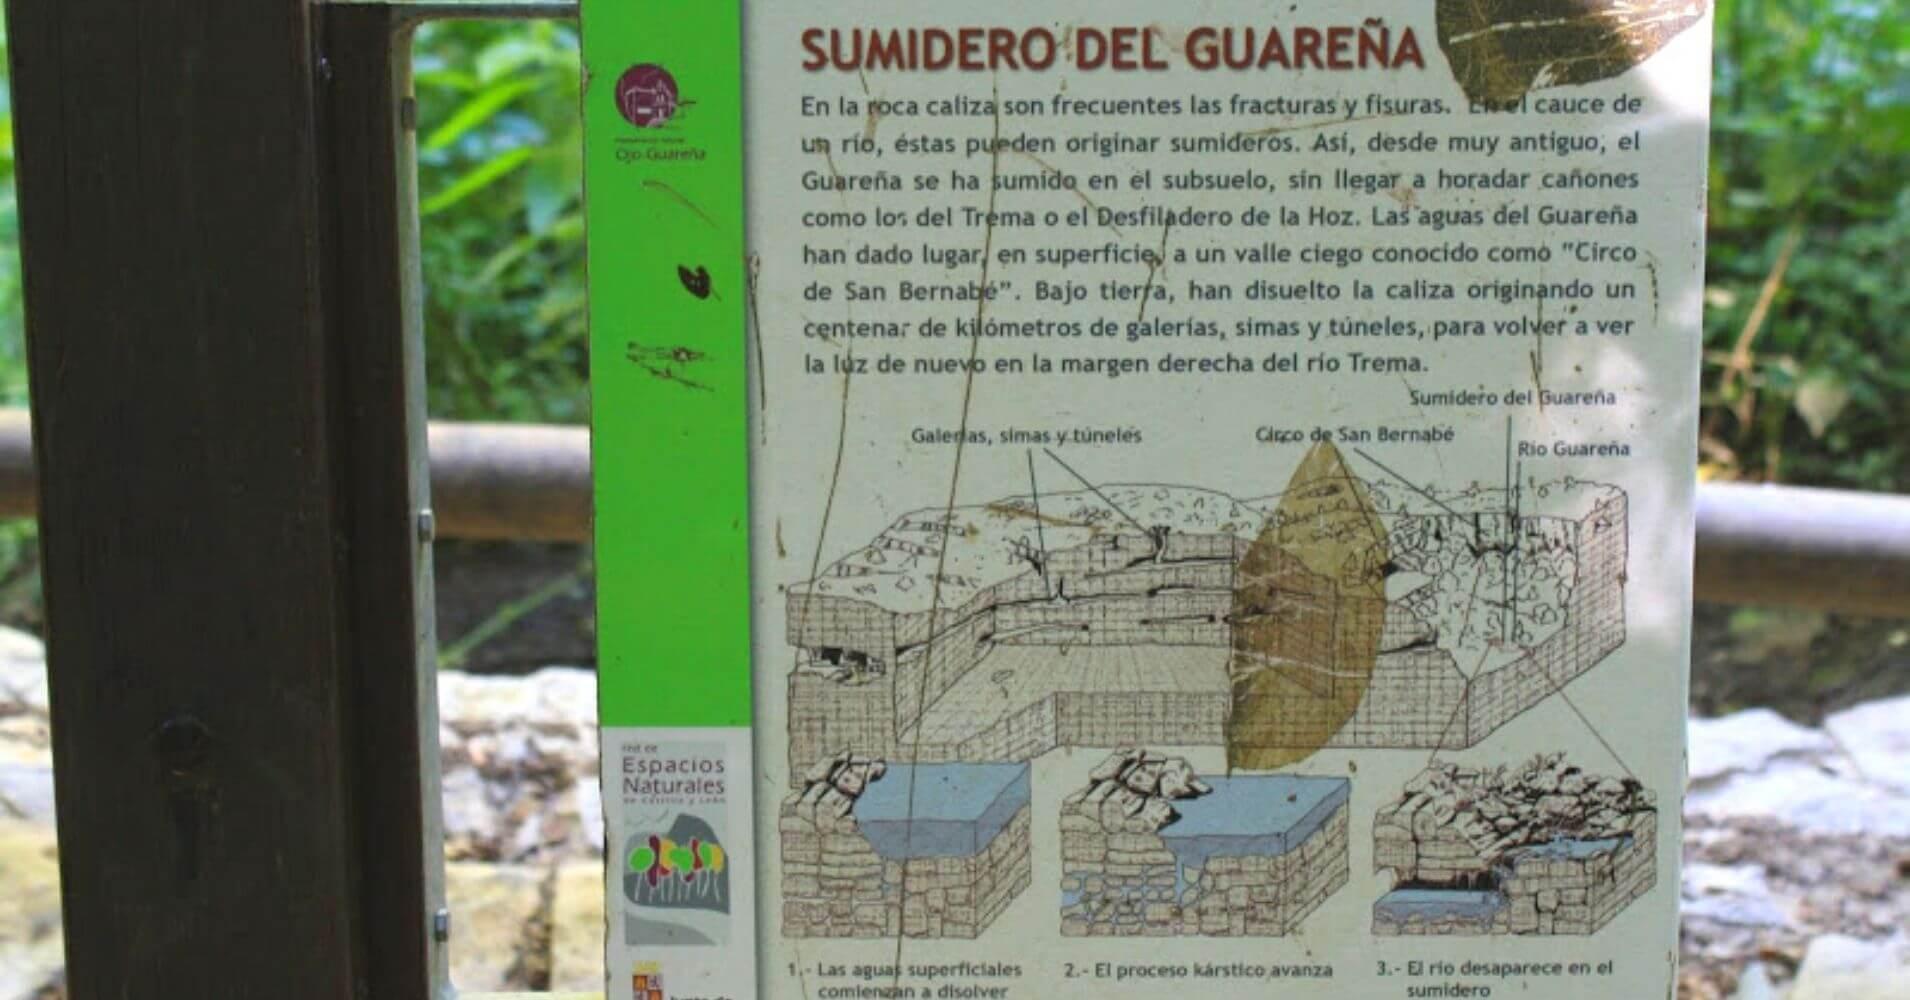 Panel Informativo del Sumidero de Ojo Guareña. Las Merindades. Burgos, Castilla y León.